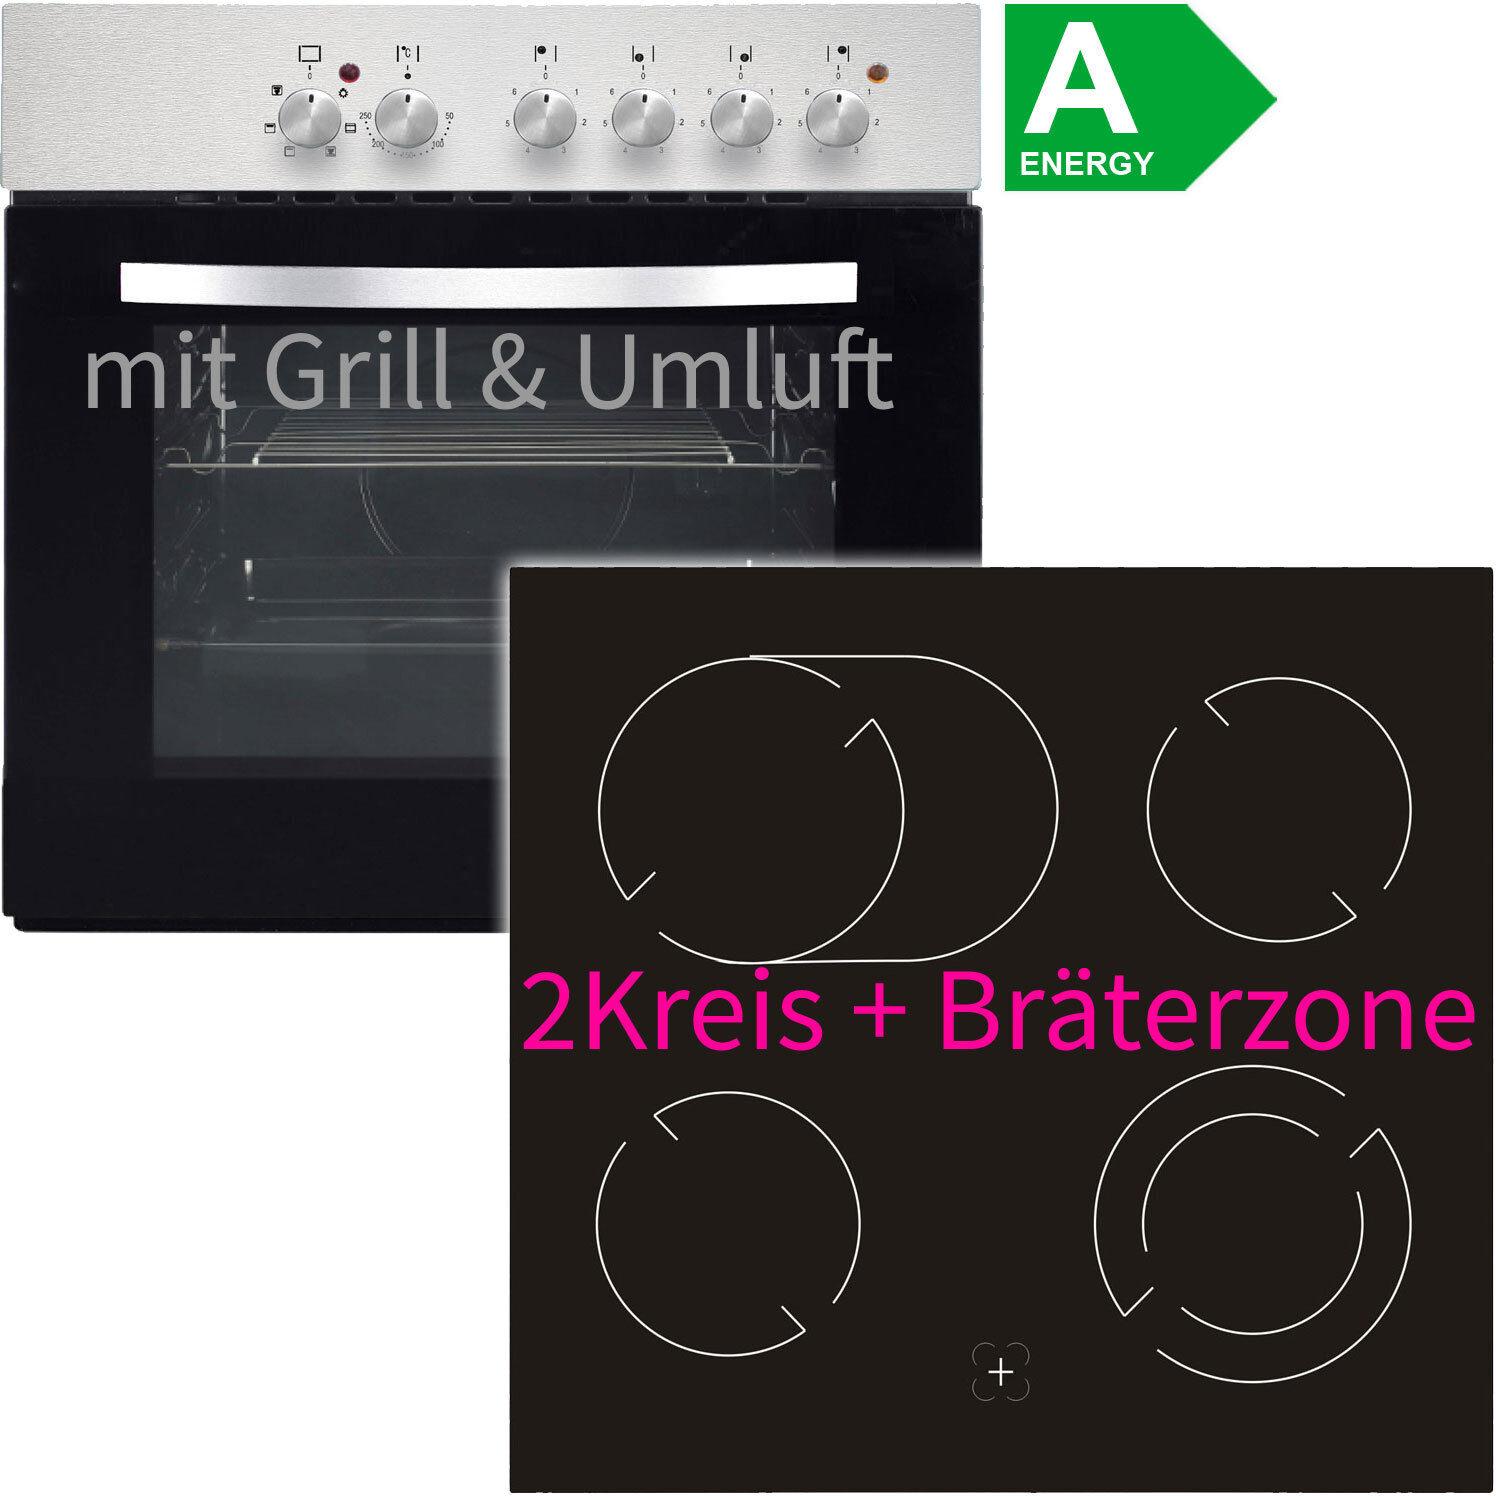 Hausmarke Edelstahl Umluft Einbauherd-Set Einbau Ceran Kochfeld Einbau Herdset !